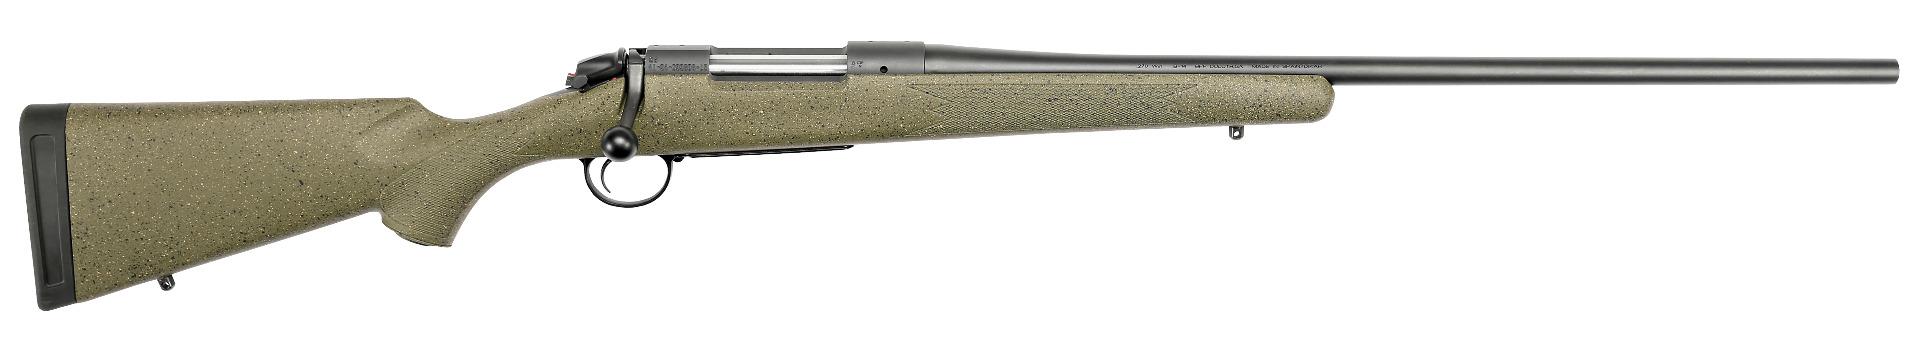 Bergara Hunter 243 Win